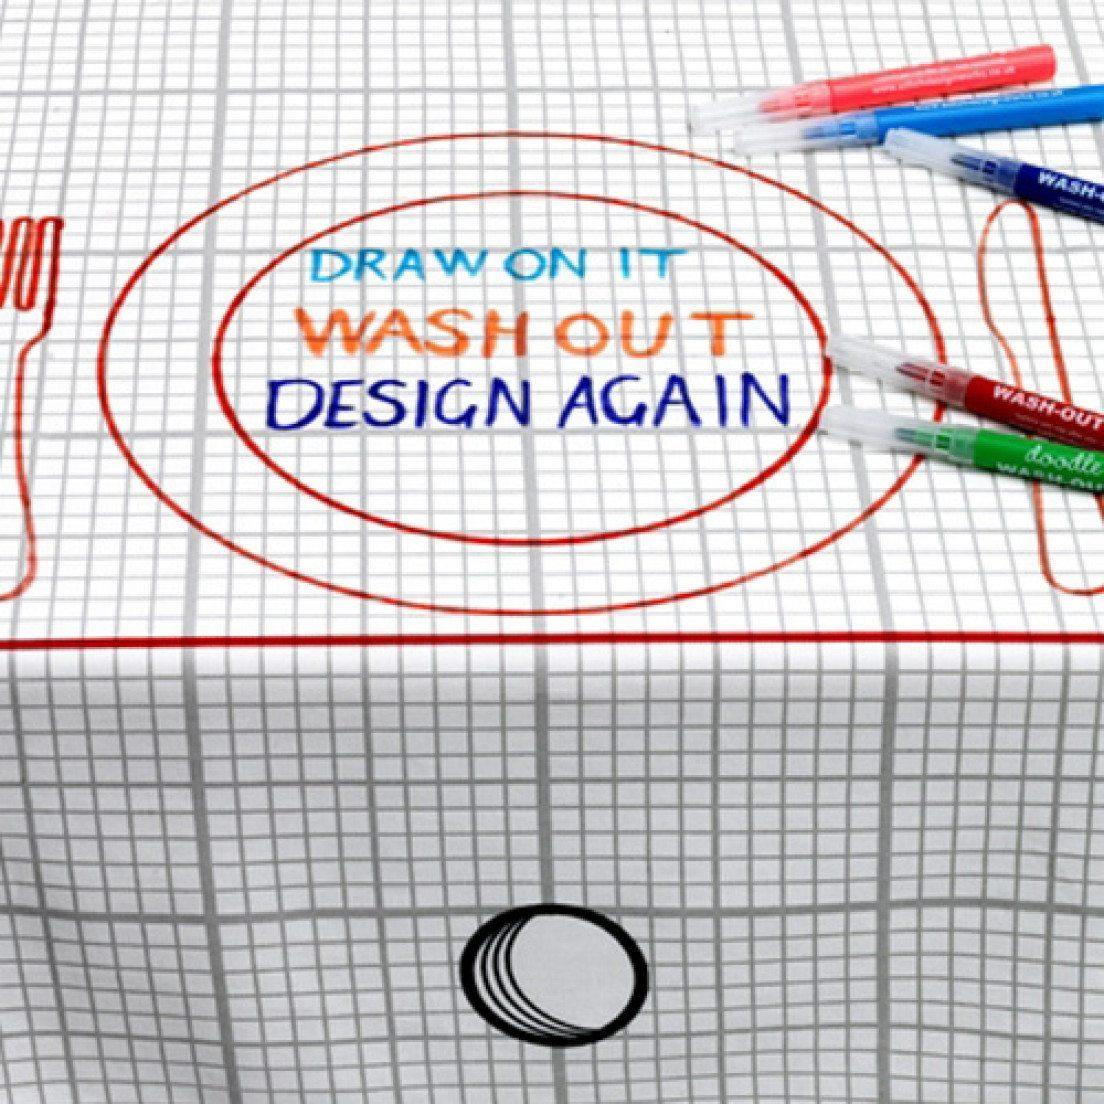 Tegne kan ting man 5 ting